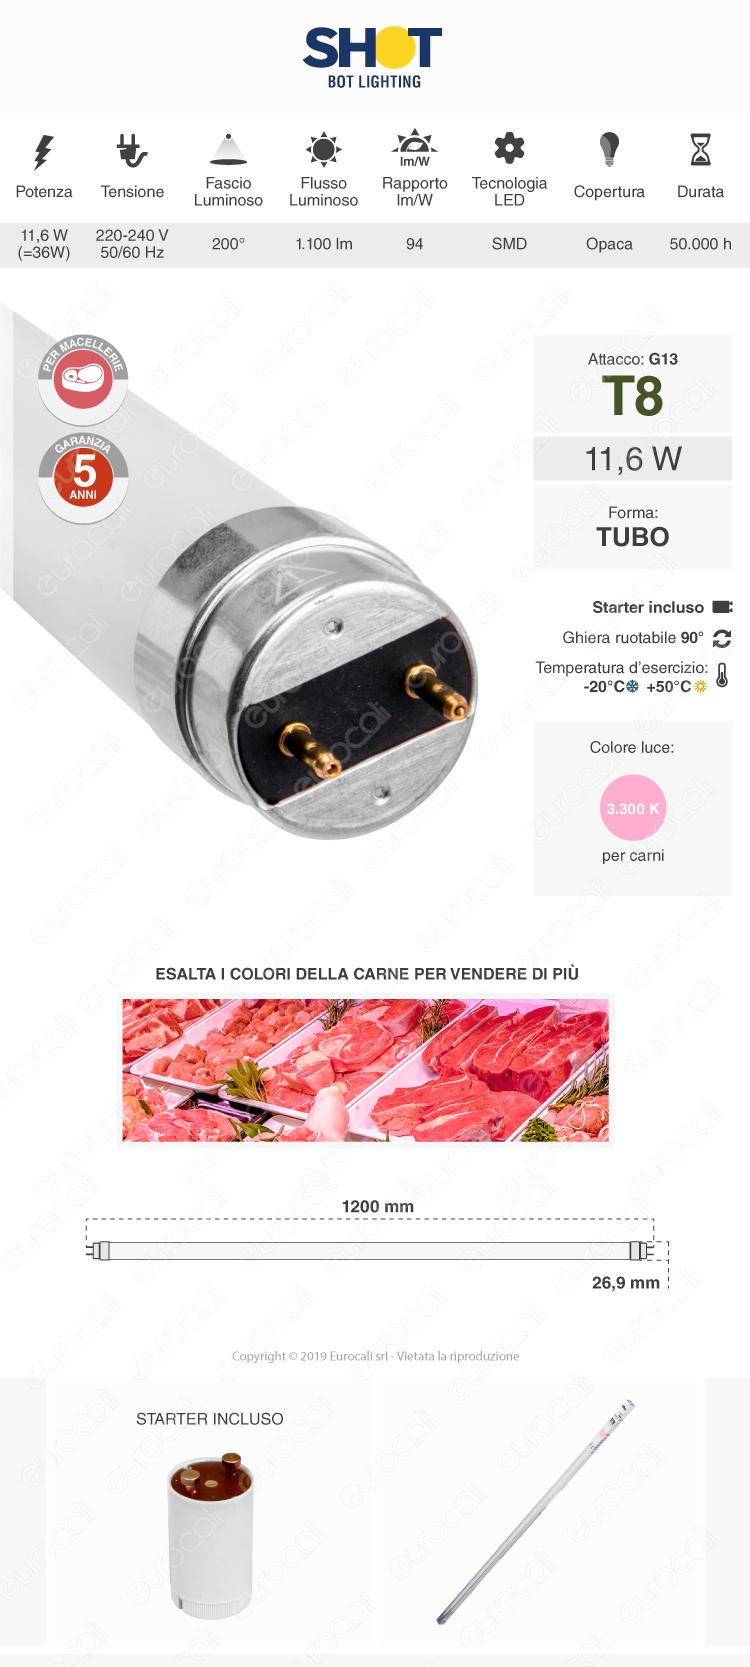 Tubo led t8 g13 bot lighting